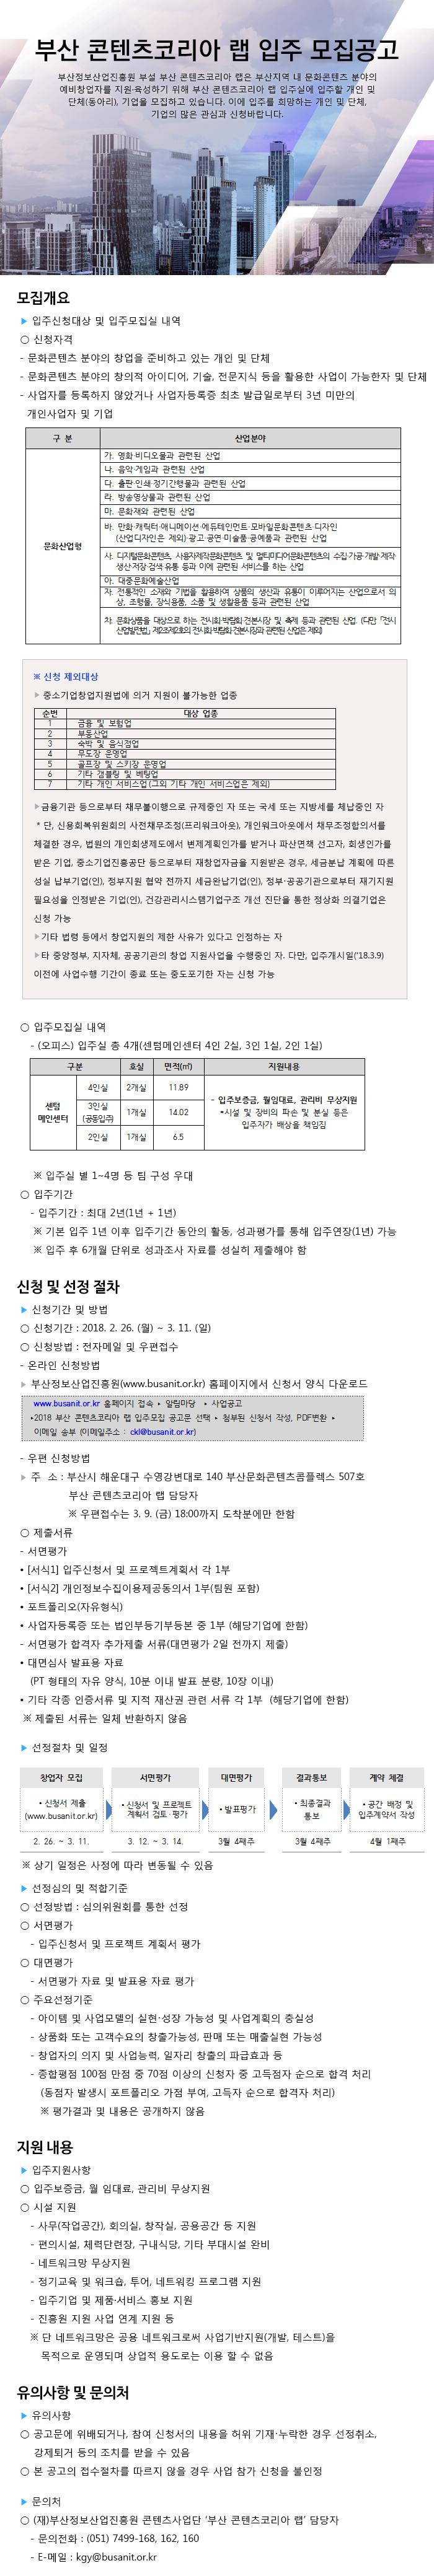 2018년 부산 콘텐츠코리아 랩 입주 모집공고